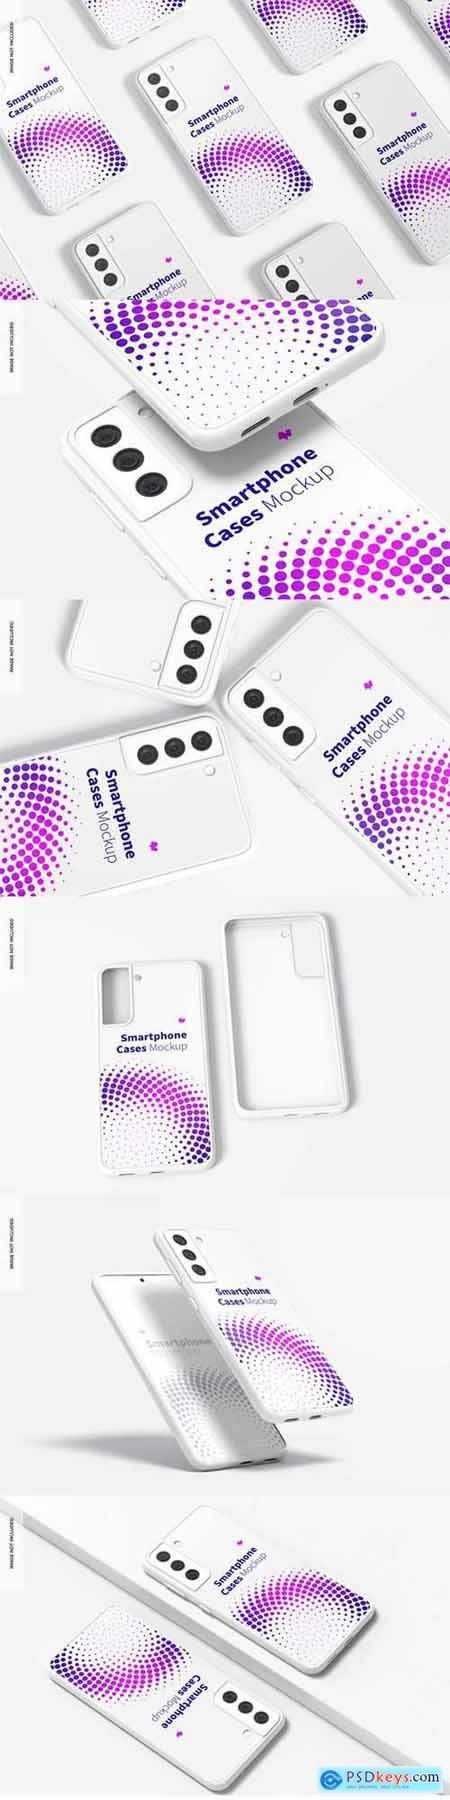 Smartphone cases set mockup